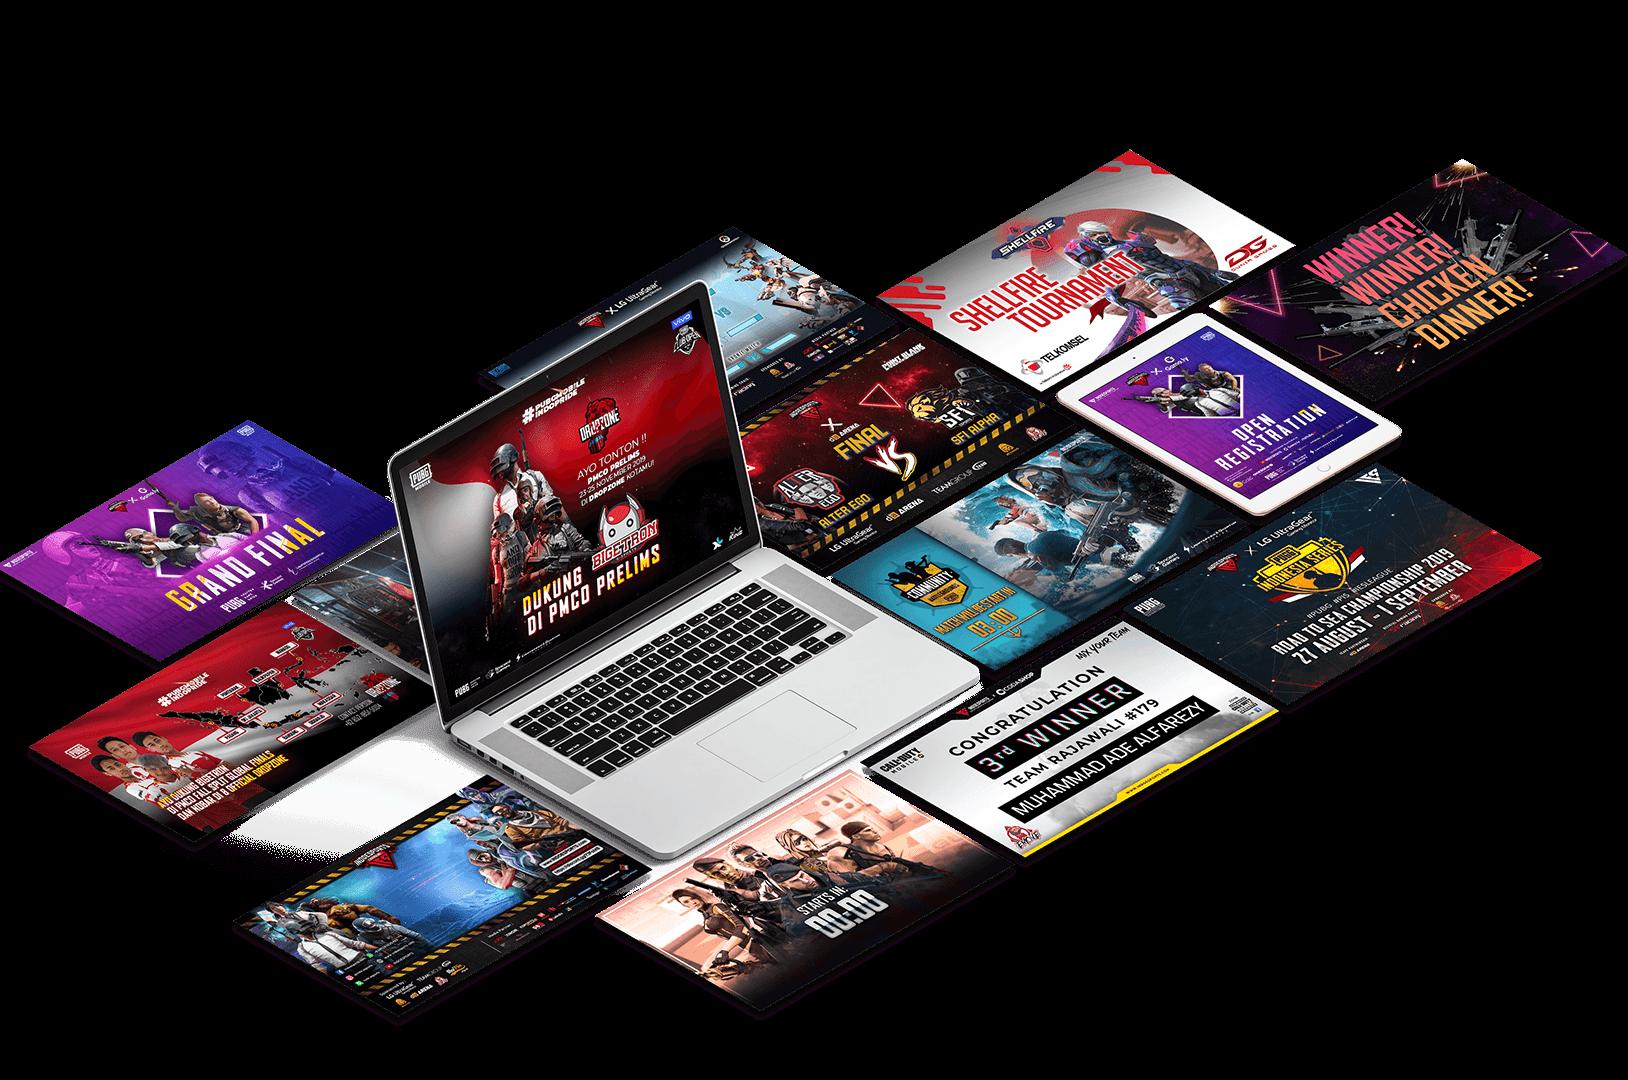 6 Ciri-Ciri Website Yang Menghabiskan Banyak Kuota 3